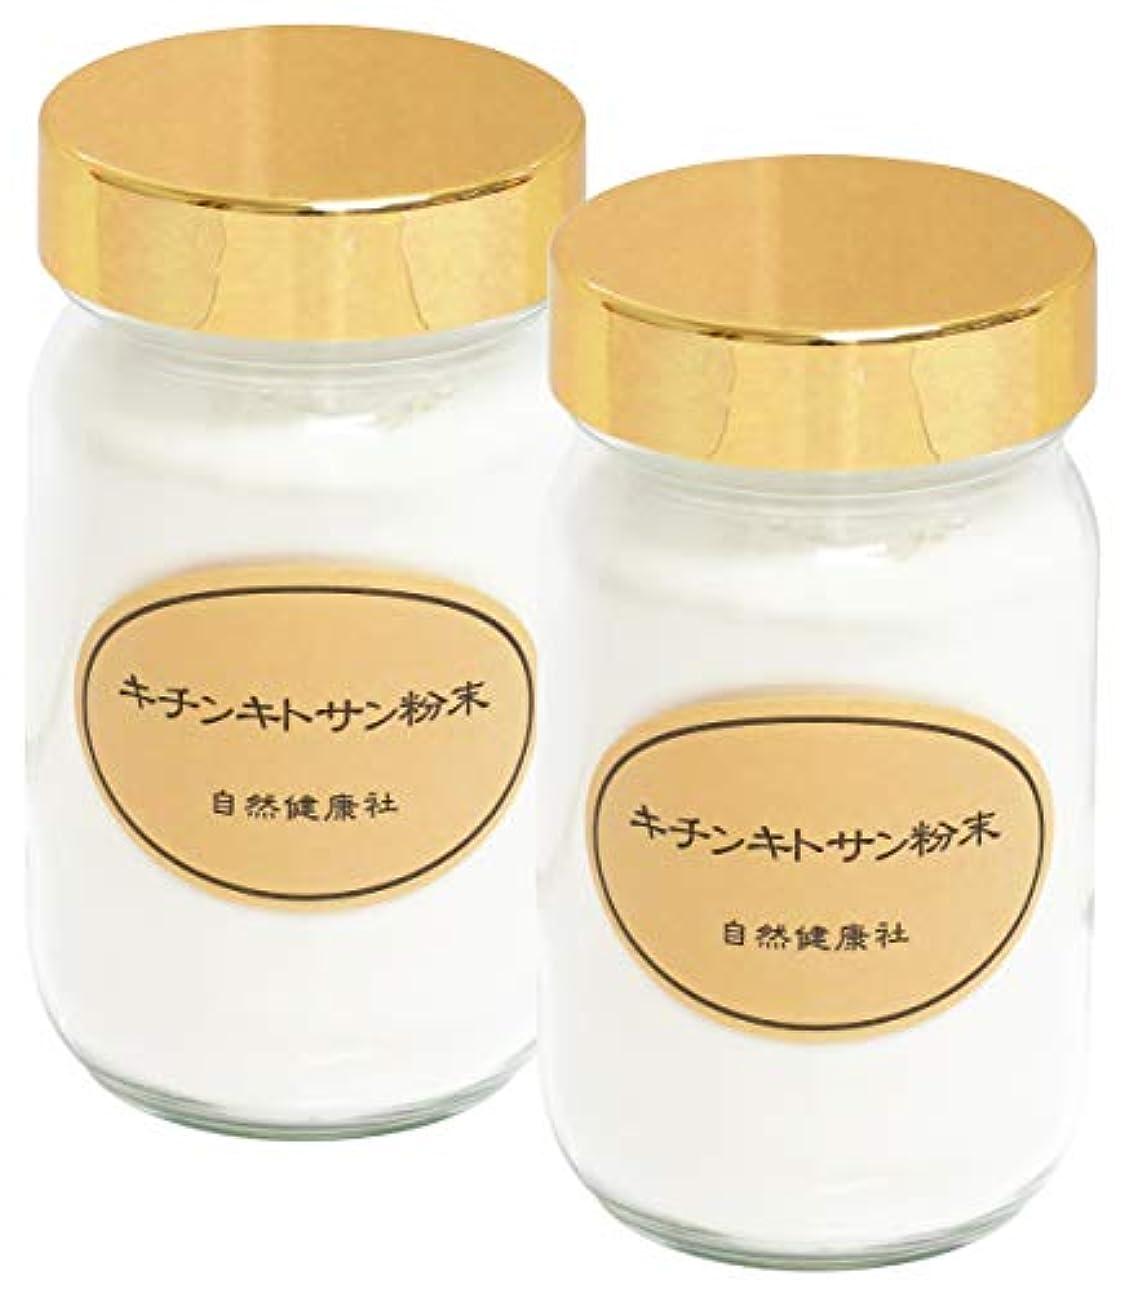 鮮やかな粘性の詩自然健康社 キチンキトサン粉末 90g×2個 瓶入り